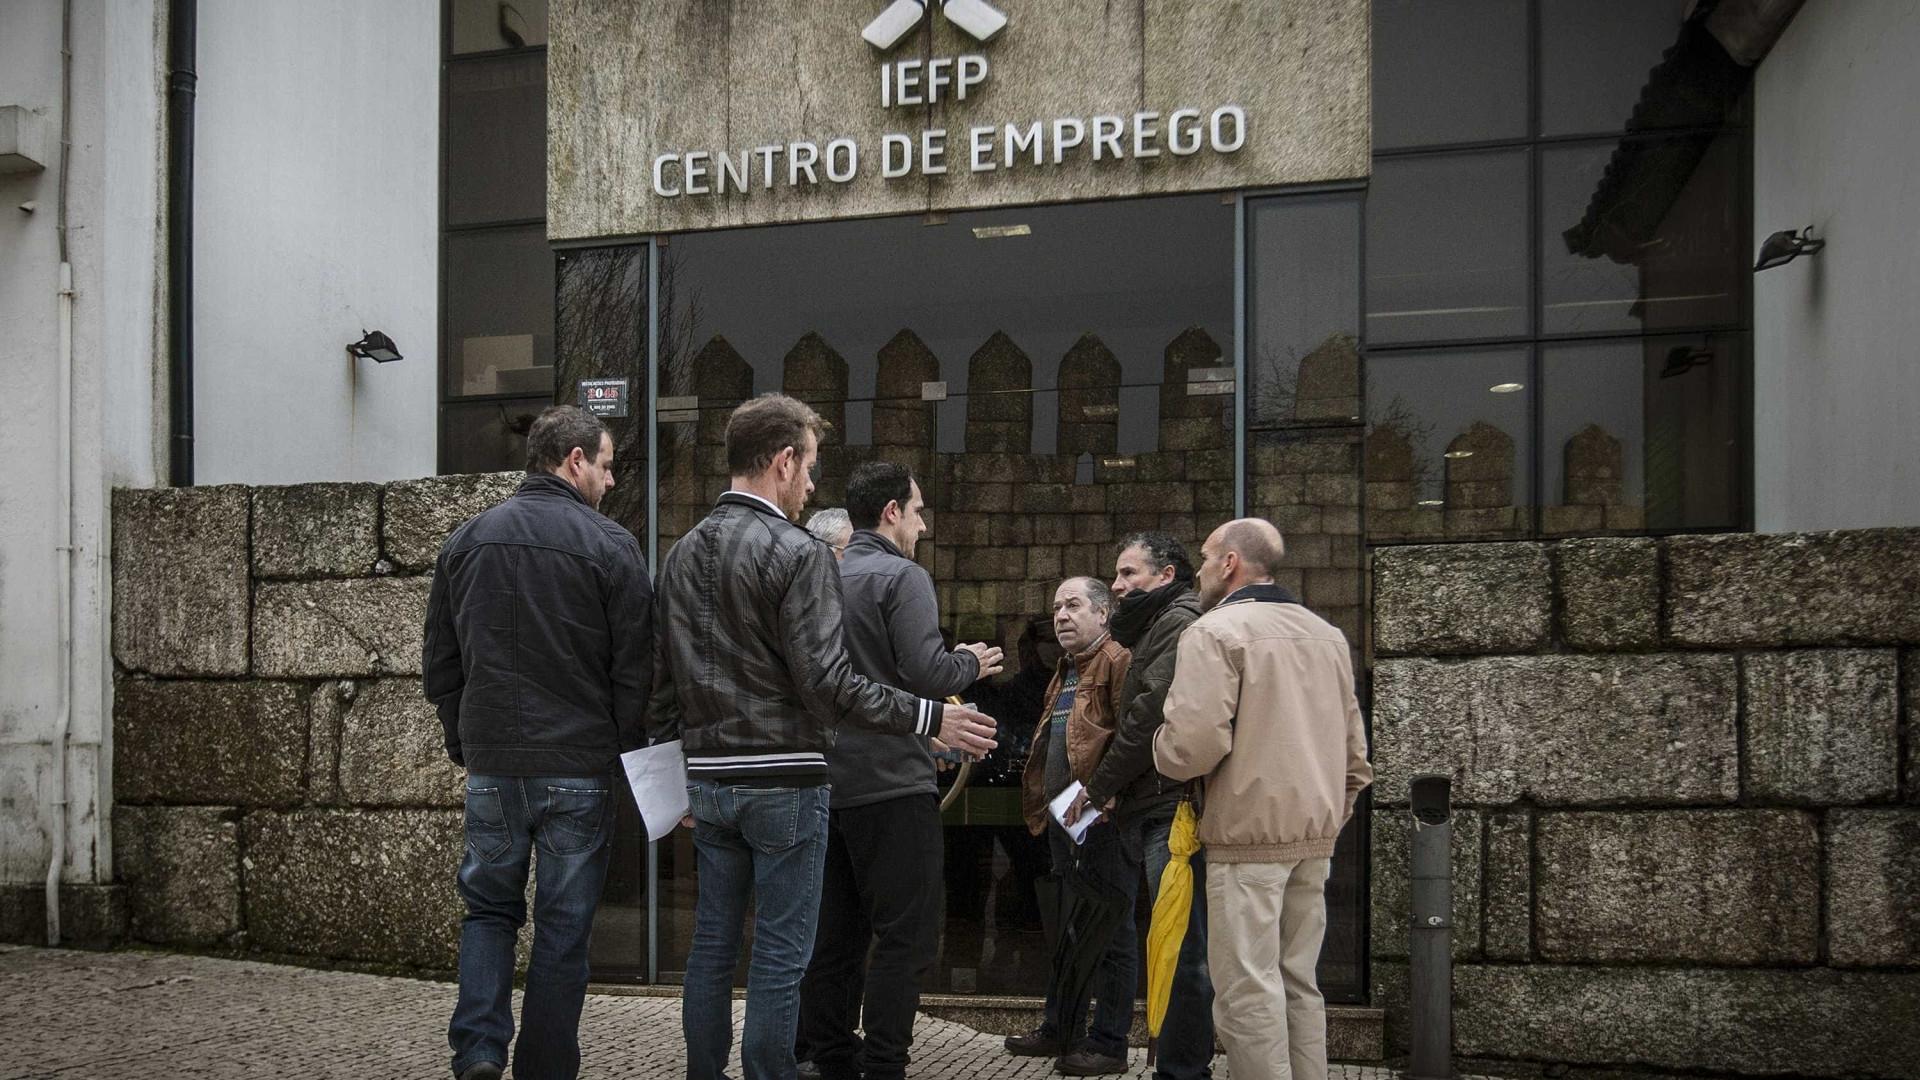 Inscritos no IEFP abaixo dos 400 mil pela primeira vez em 10 anos